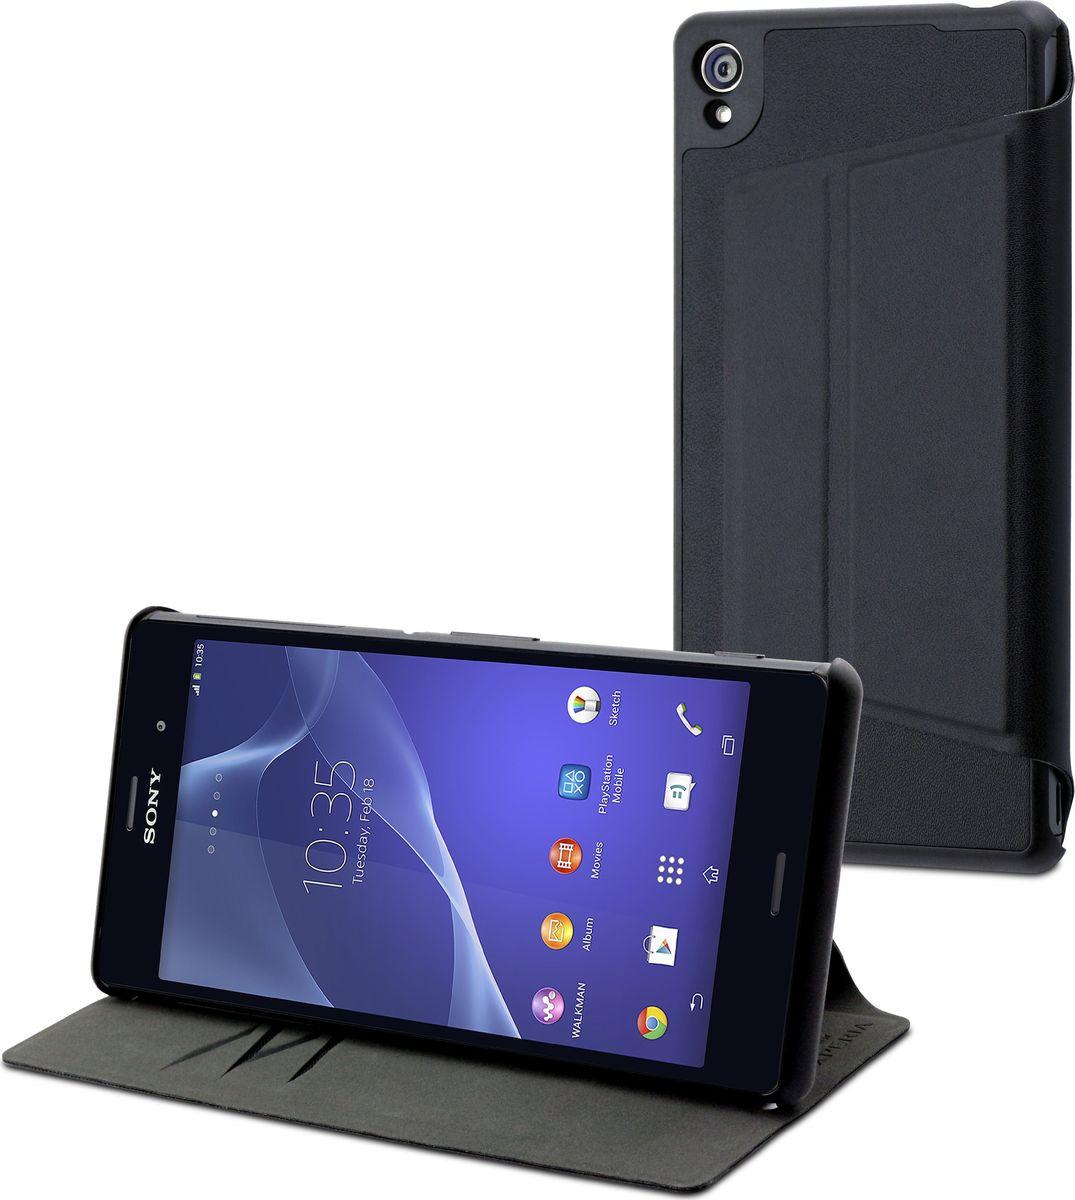 Чехол для сотового телефона Muvit MFX Stand Folio для Sony Xperia Z3, SESLI0130, черный кейс для назначение sony z5 sony xperia z3 sony xperia z3 compact xperia z5 xperia z3 xperia x кошелек со стендом чехол однотонный твердый кожа pu для sony xperia z2 sony xperia z3 sony